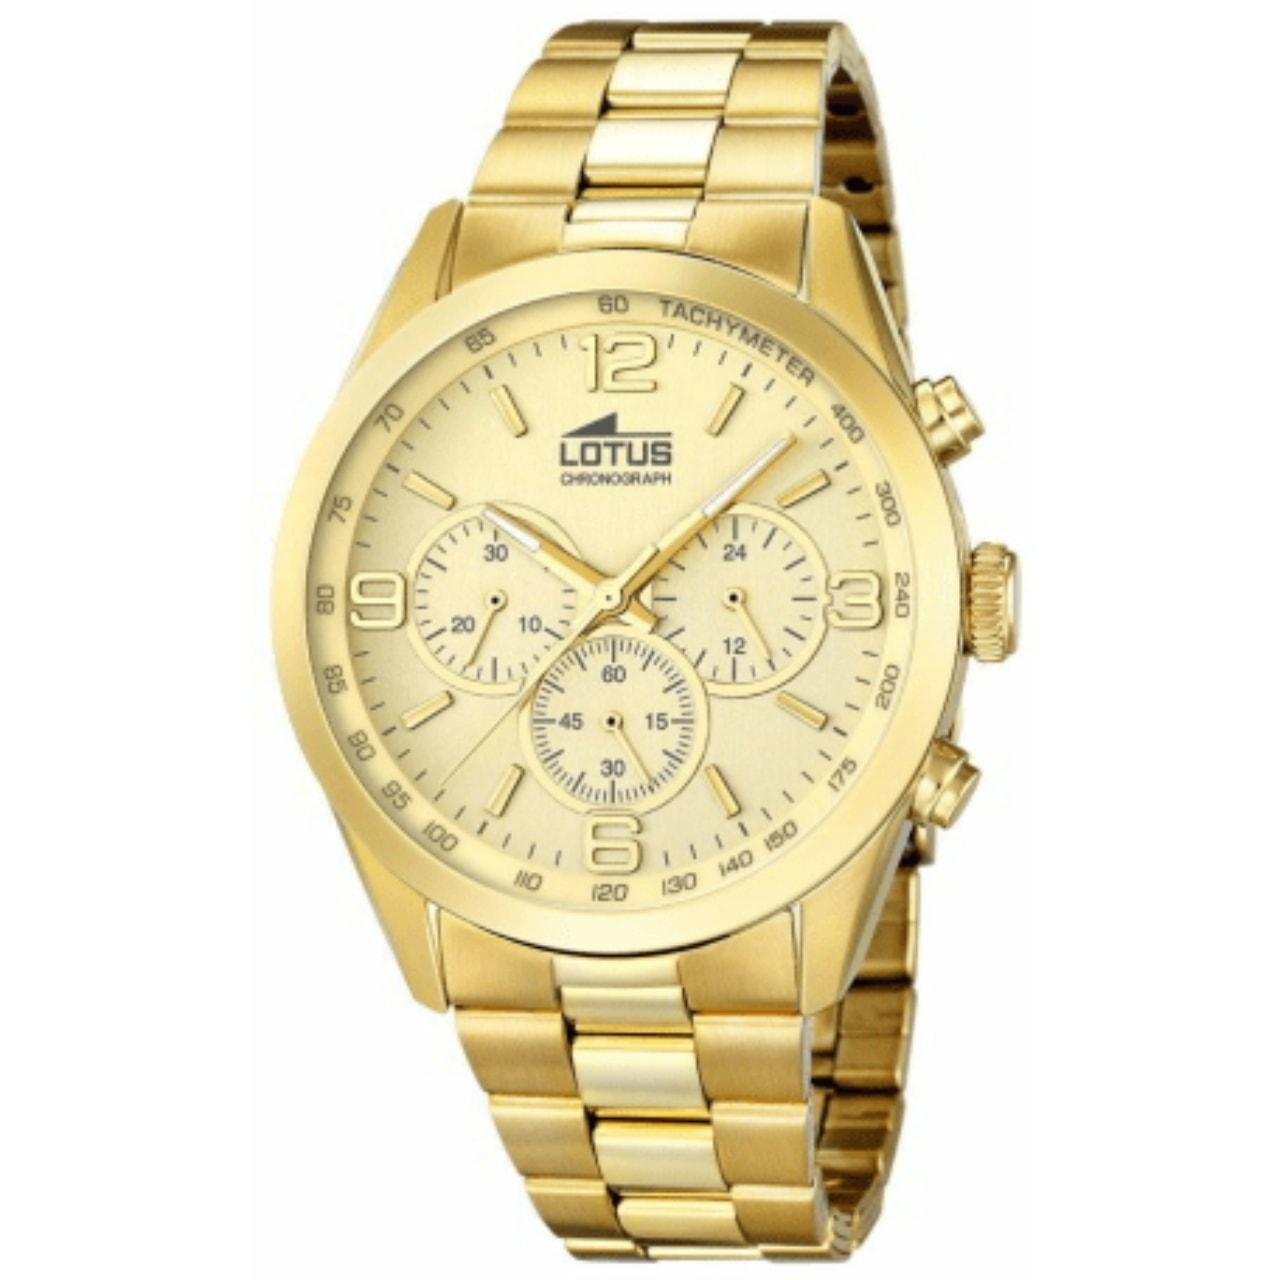 Reloj Lotus Crono Hombre Chapado